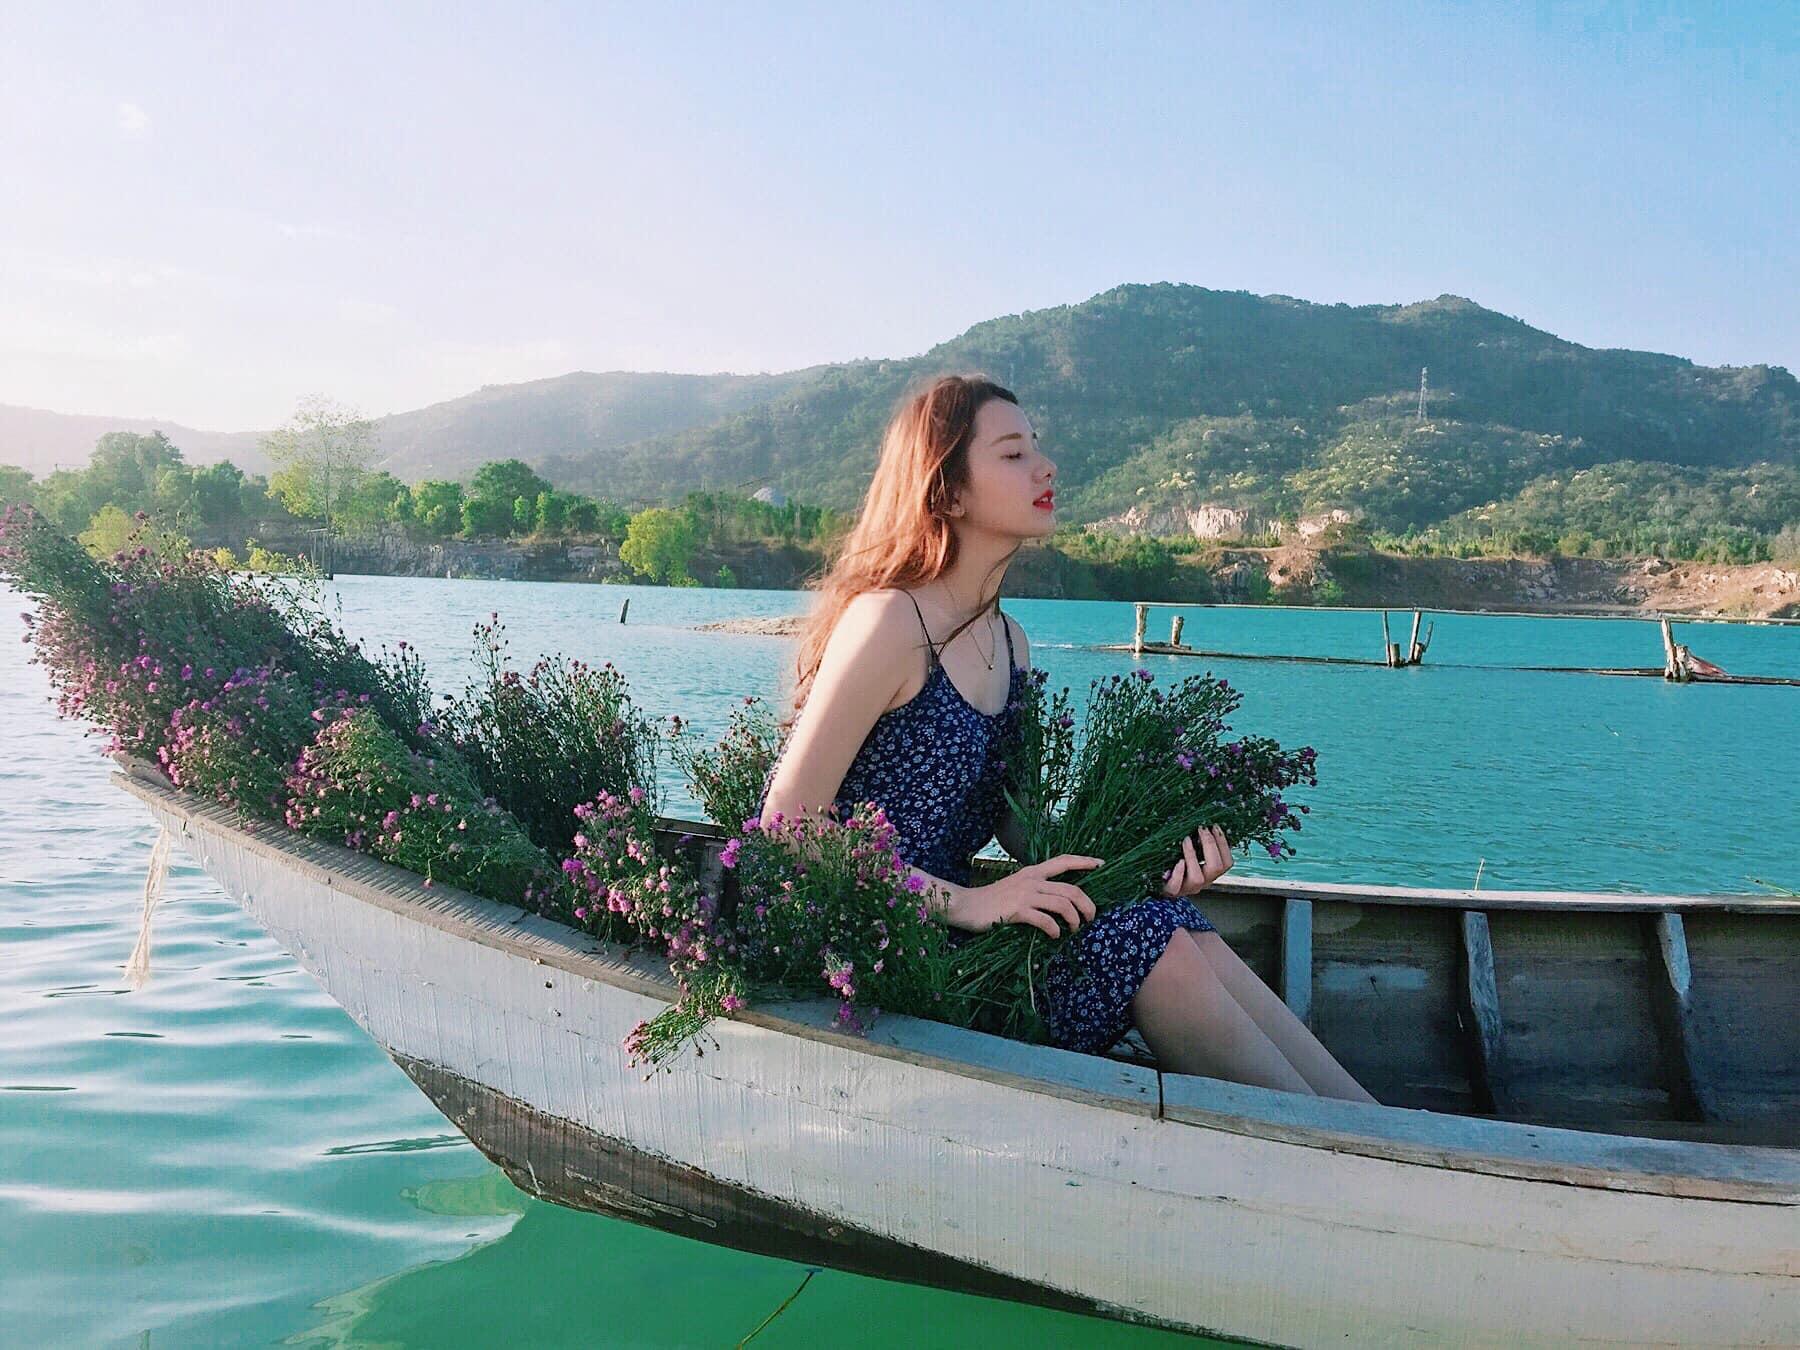 Bật mí 5 góc chụp 'đẹp miễn chê' tại hồ Đá Xanh, Vũng Tàu  - Ảnh 4.